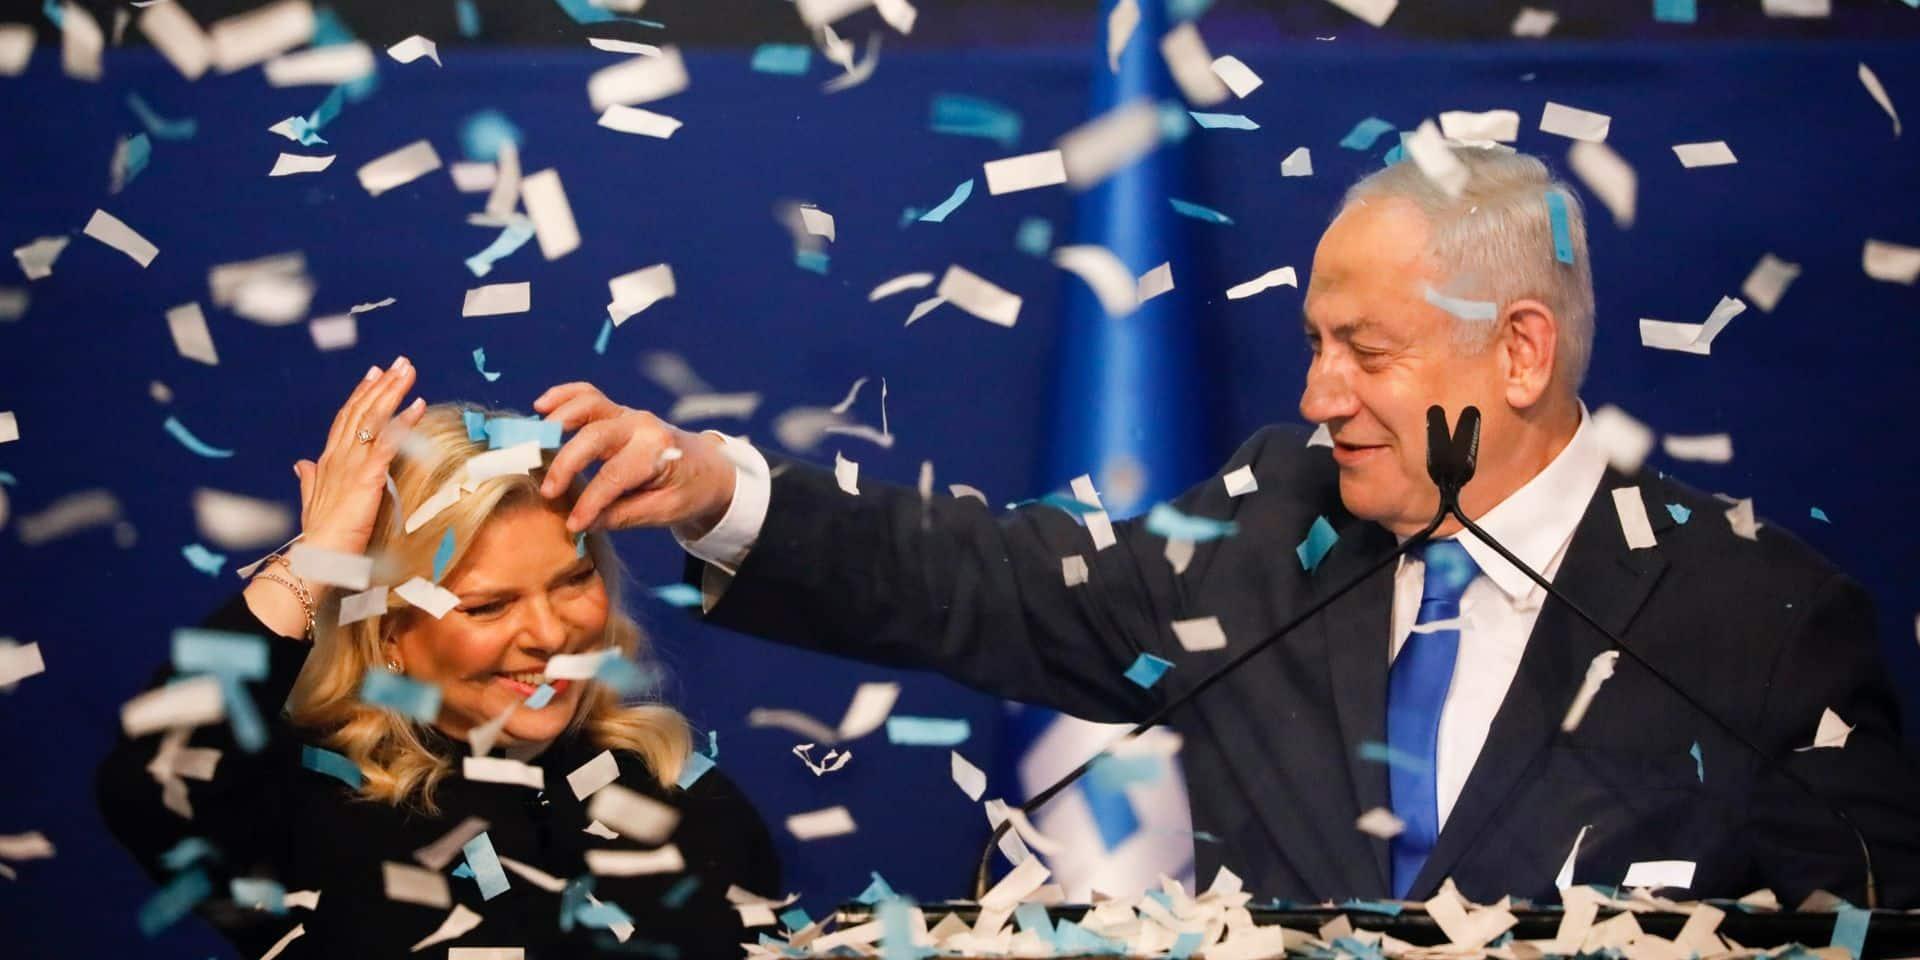 Après deux essais infructueux, Netanyahu pourrait bien avoir réussi son pari et rester au pouvoir